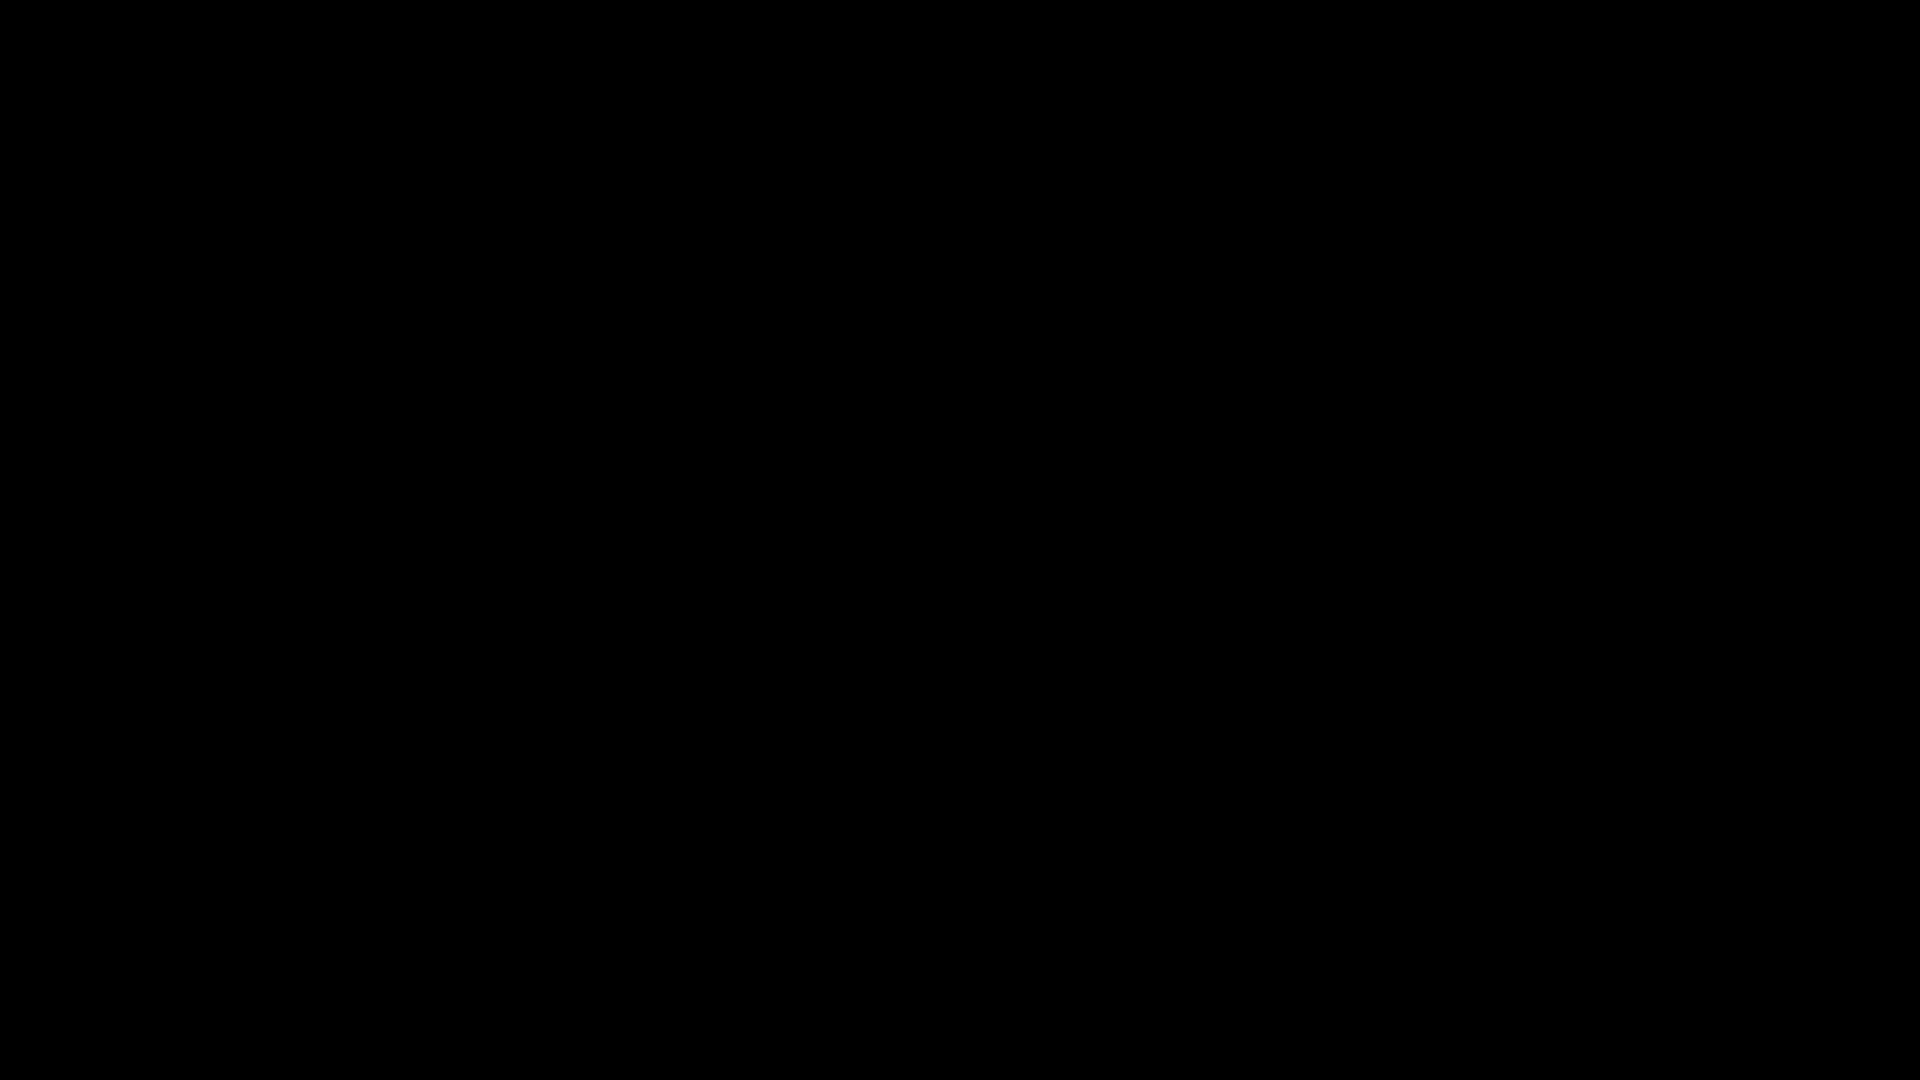 潜入!!韓国秘密のトイレ!Vol.15 潜入 盗撮AV動画キャプチャ 98pic 78